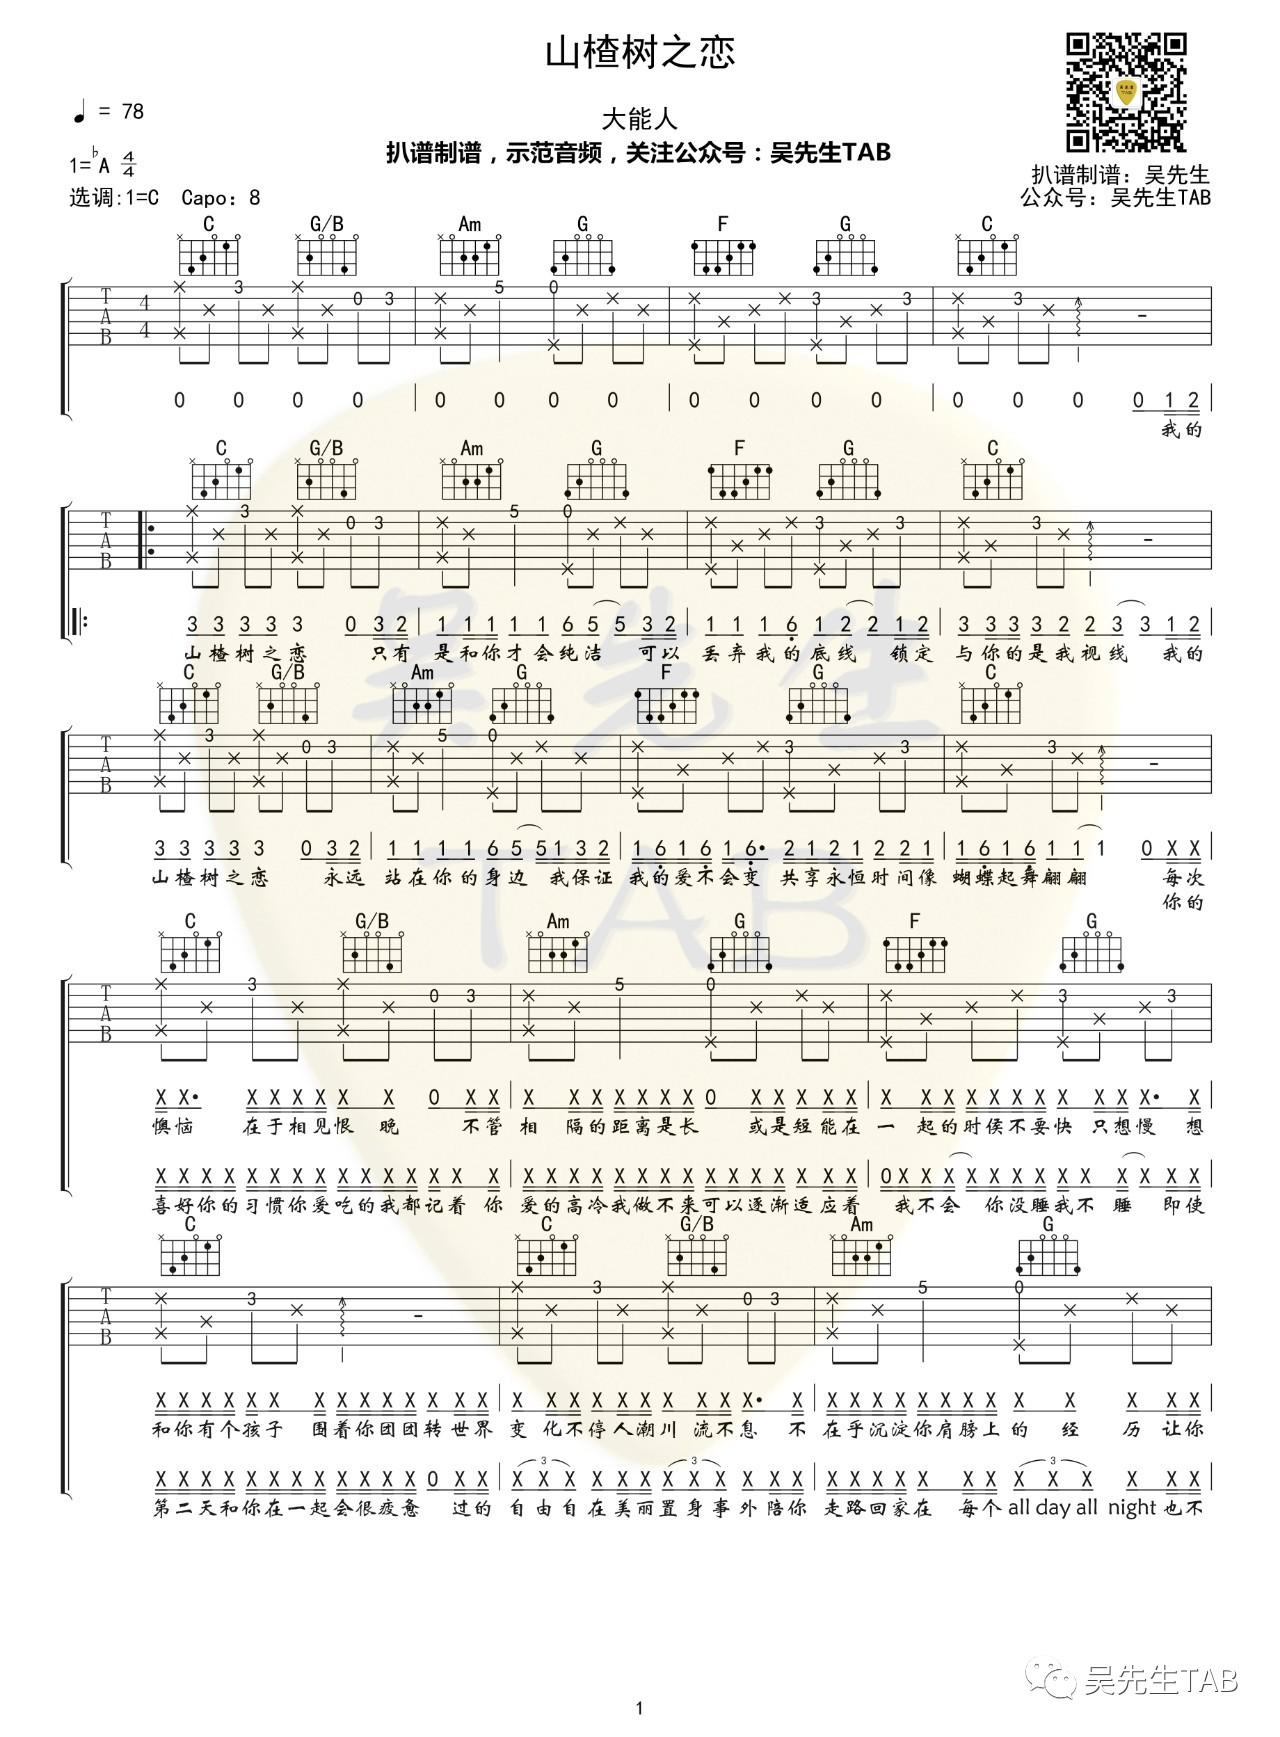 吉他派《山楂树之恋》吉他谱-1